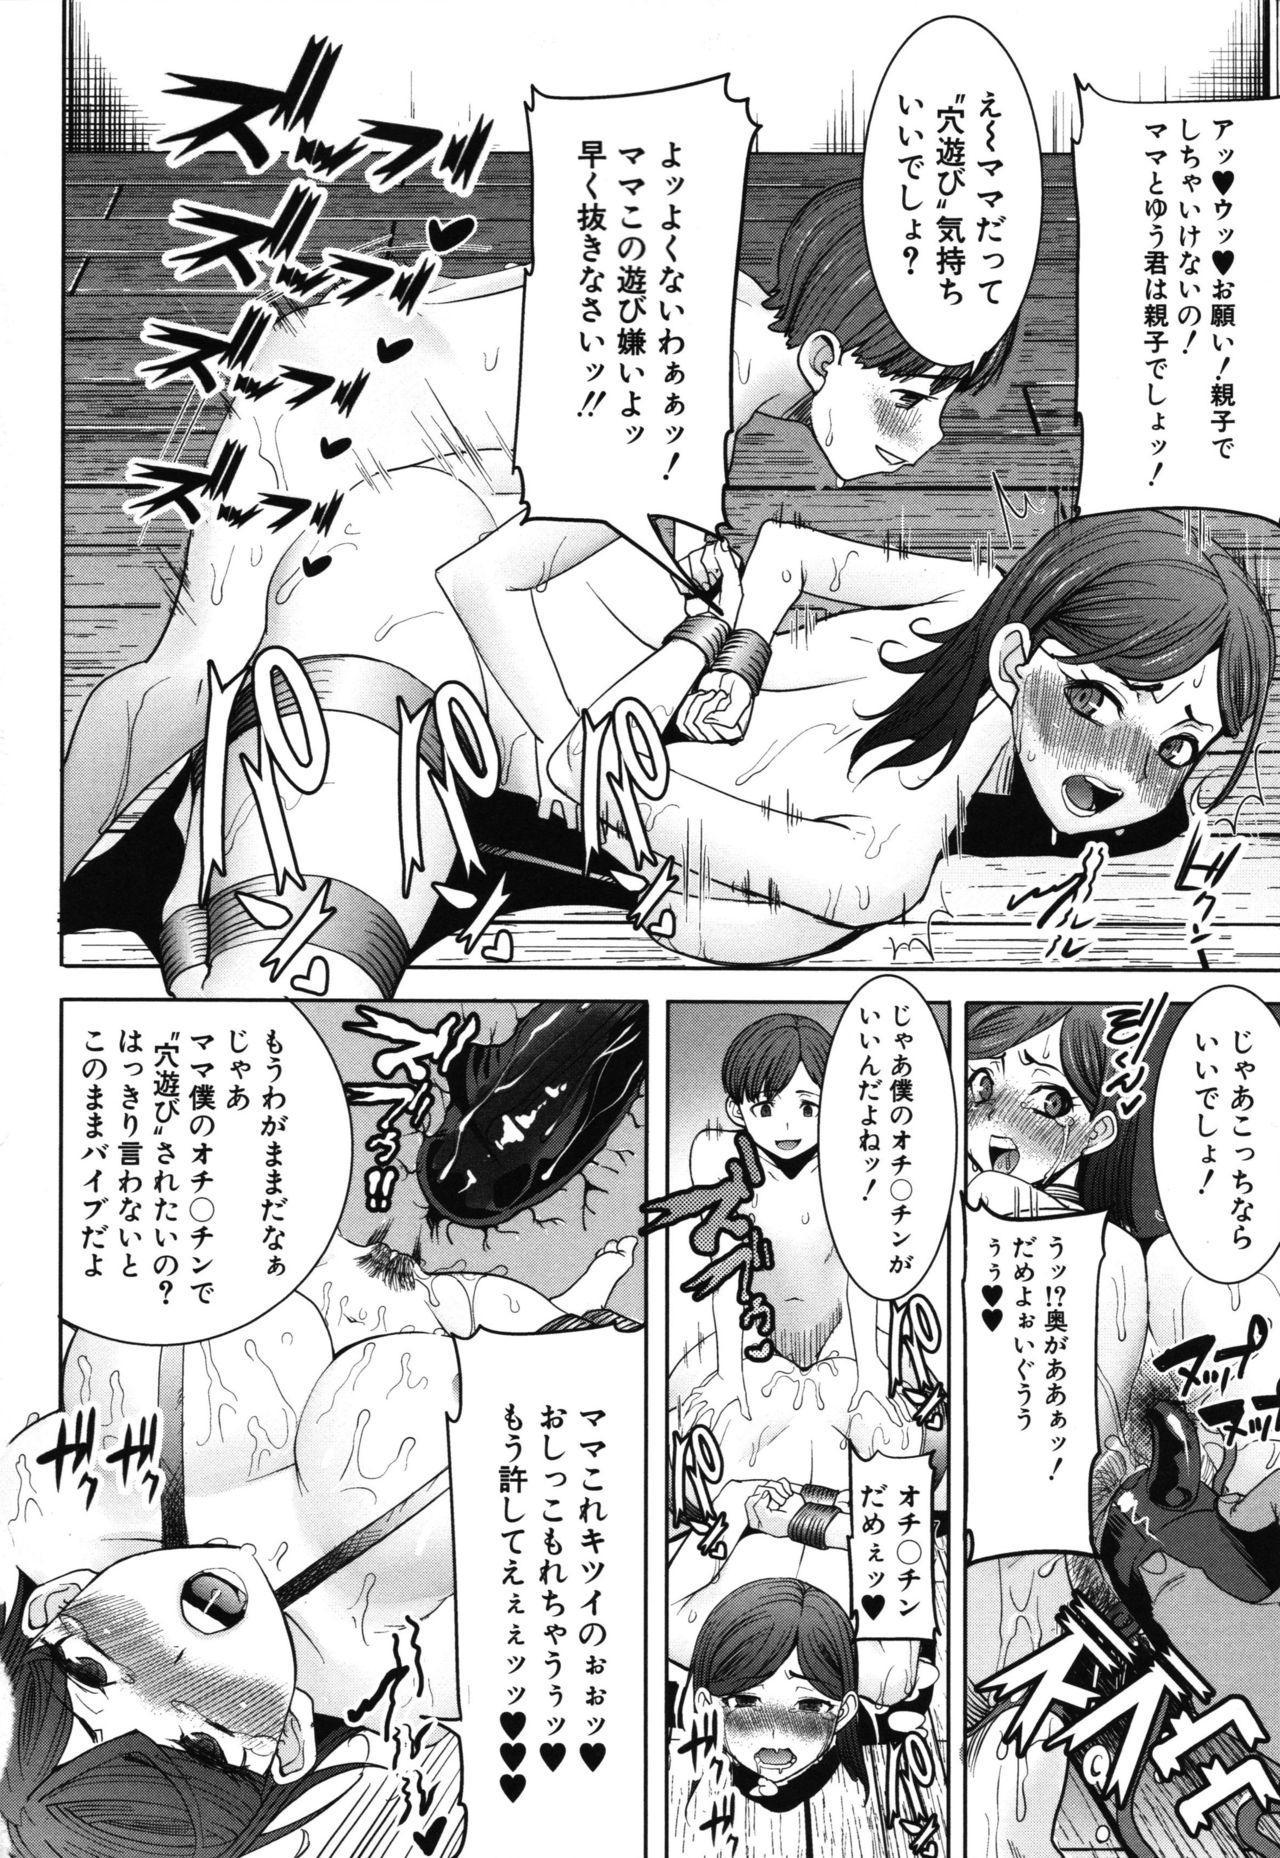 Unsweet - Asahina Ikka Netorareta Haha · Tomoko 43